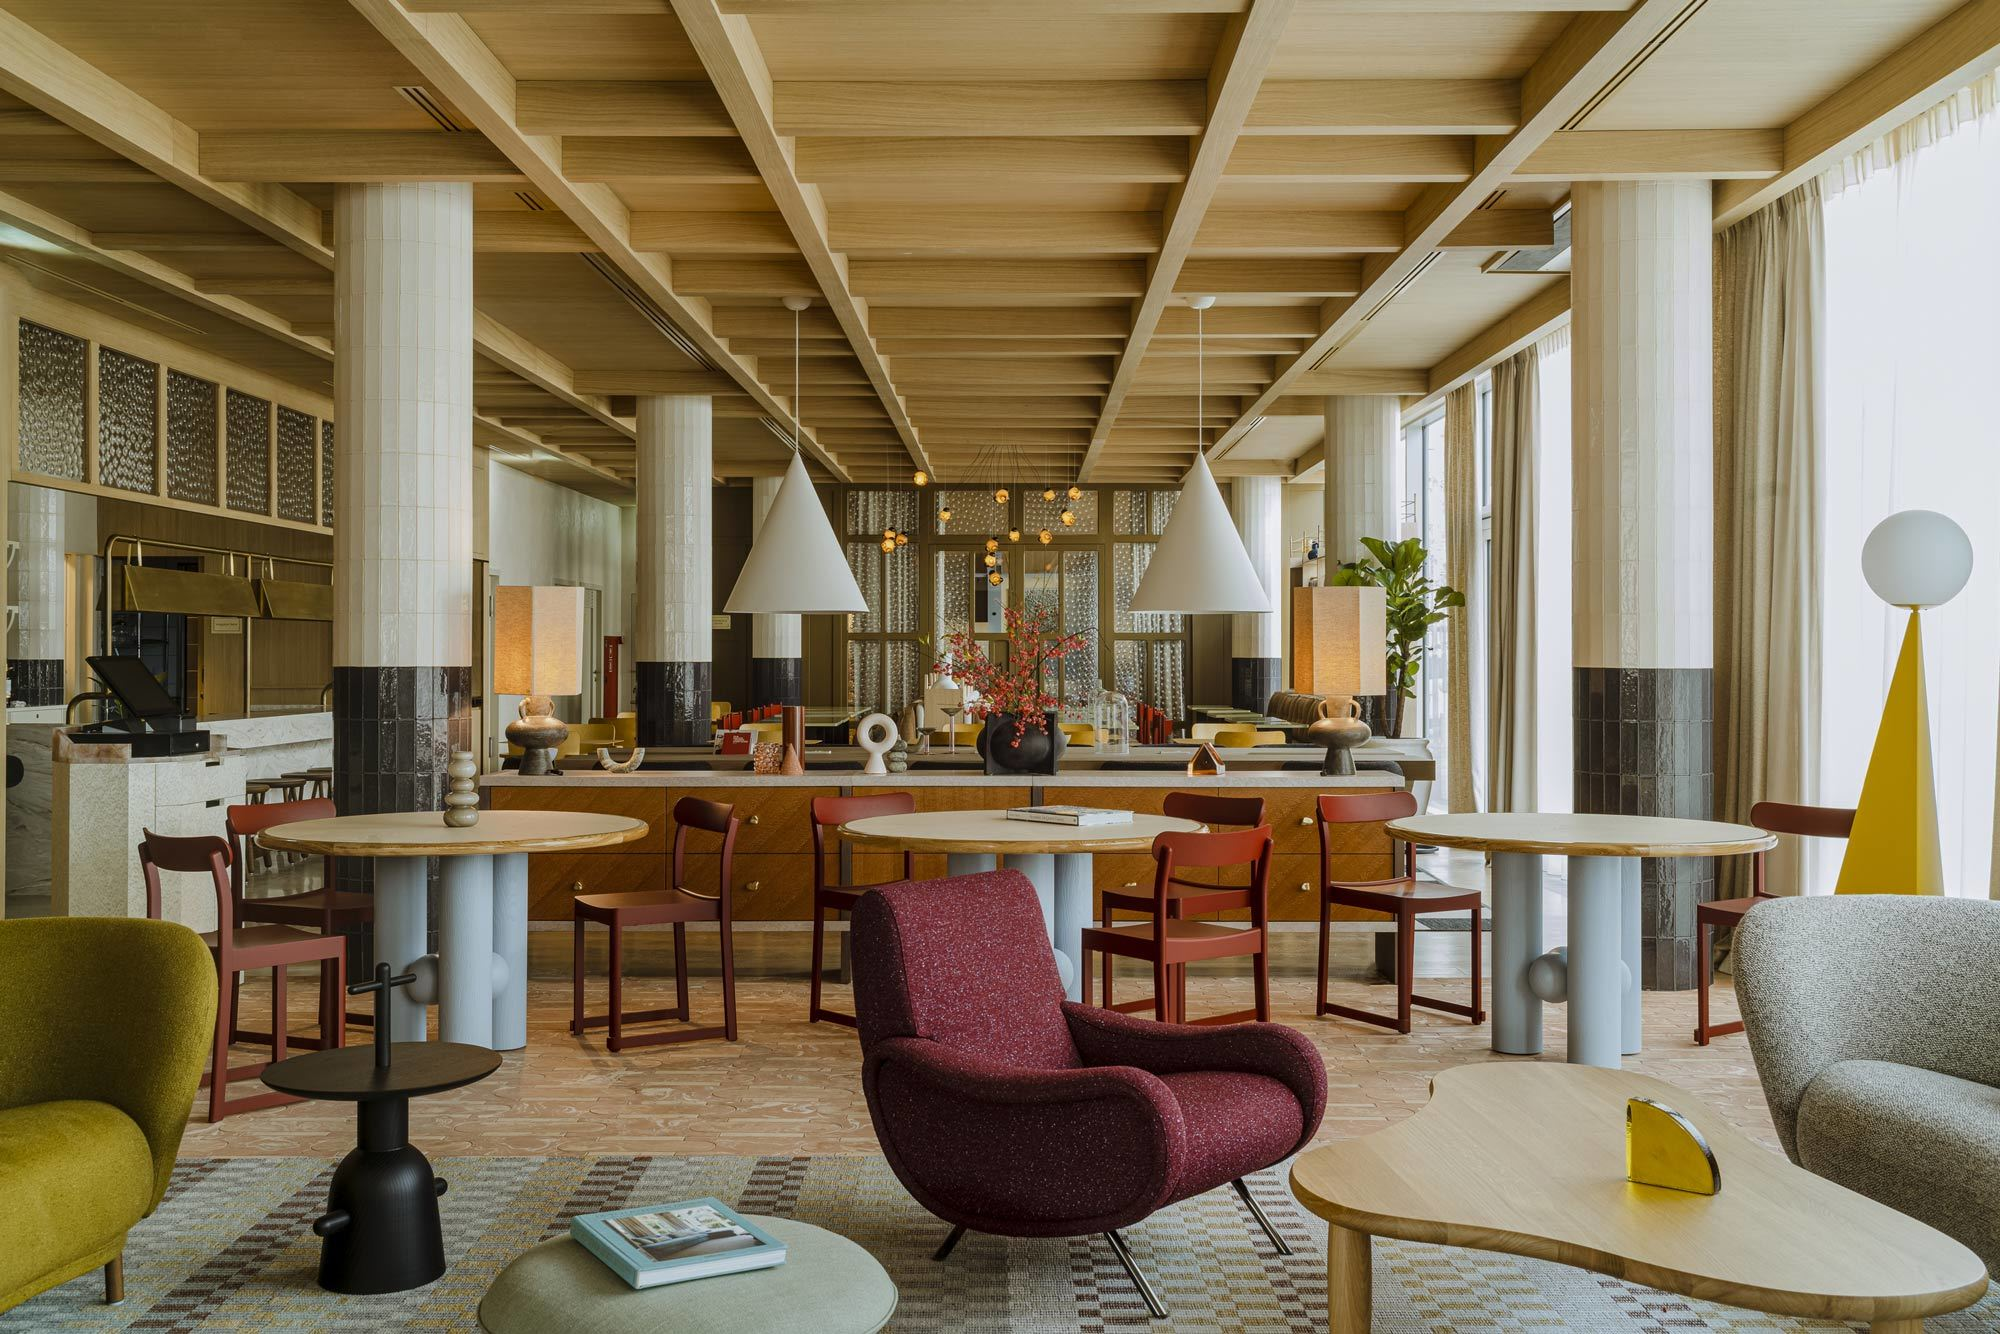 Mit der Renovierung des Puro Hotels in Krakau beschwört Paradowski Studio den Glanz vergangener Zeiten herauf. Lokale Kunst trifft auf internationales Möbeldesign.